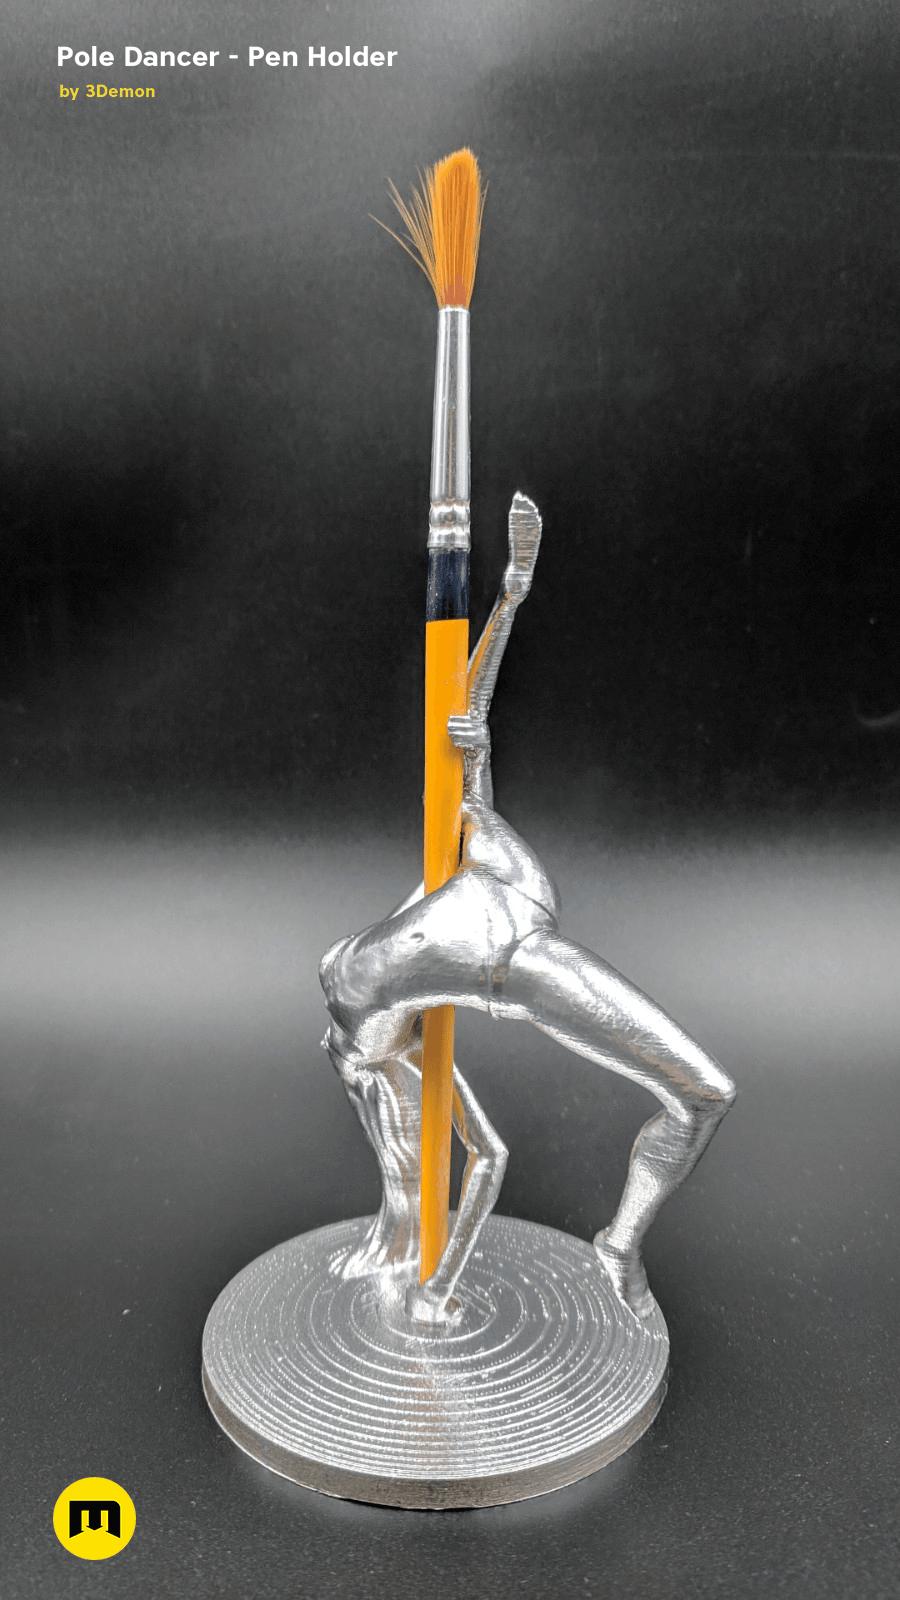 IMG_20190220_103305.png Download STL file Pole Dancer - Pen Holder • Object to 3D print, 3D-mon